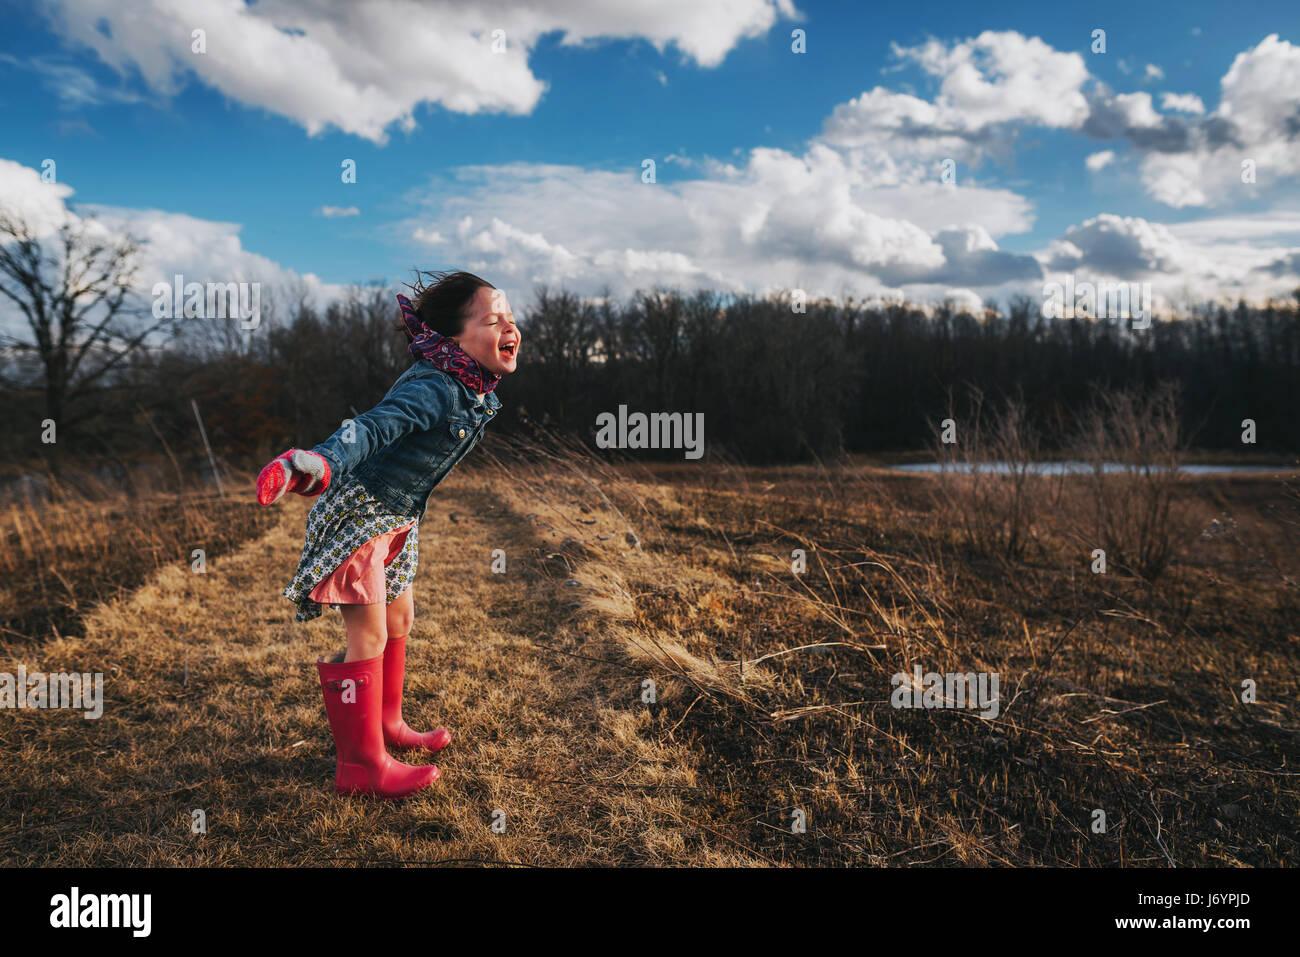 Niña con los brazos extendidos gritando en el viento Foto de stock